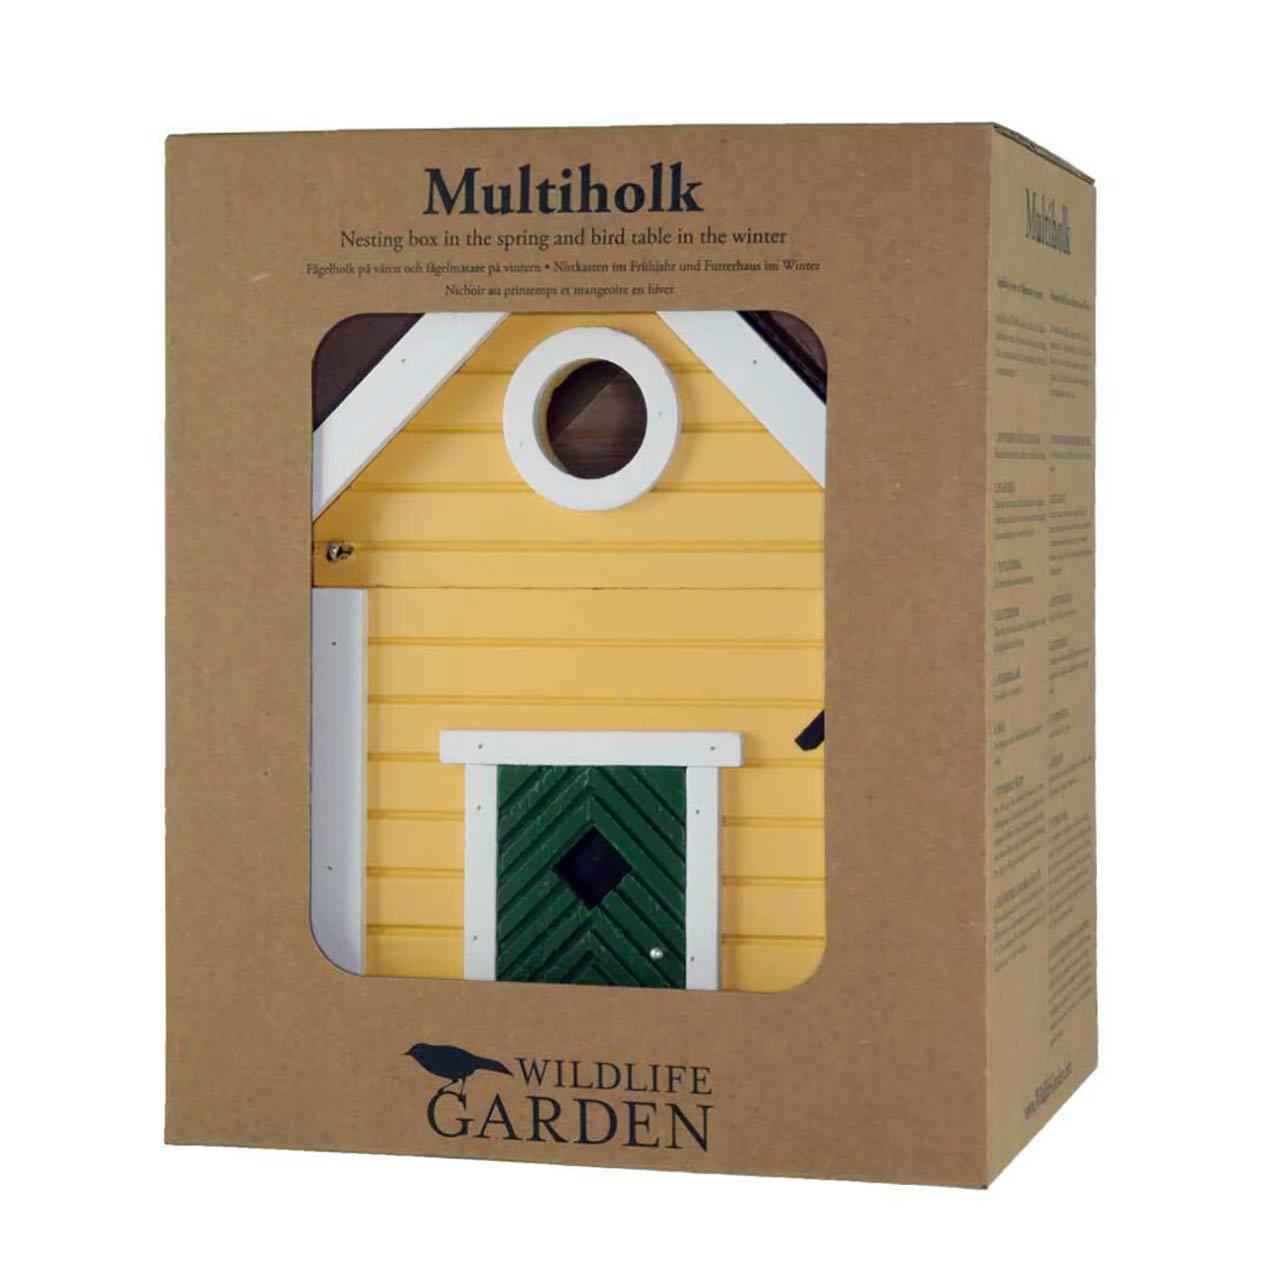 WILDLIFE GARDEN Bird Feeder & Nesting Box Yellow Cottage | the design gift shop